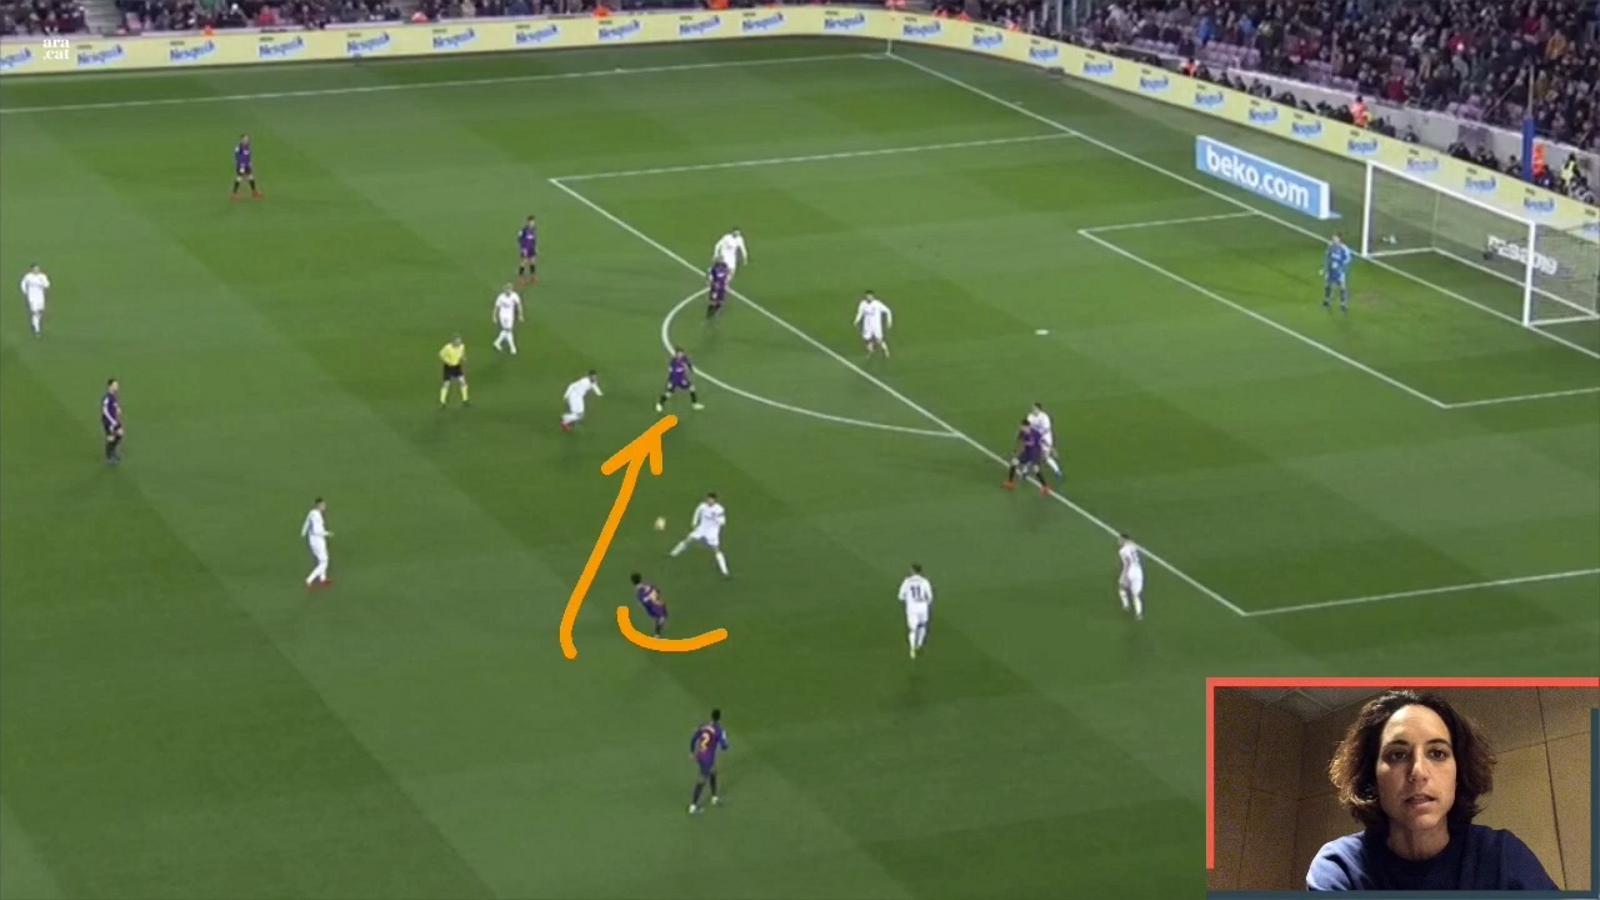 L'anàlisi en vídeo del Barça-València:  Aleñà i els ritmes d'atac